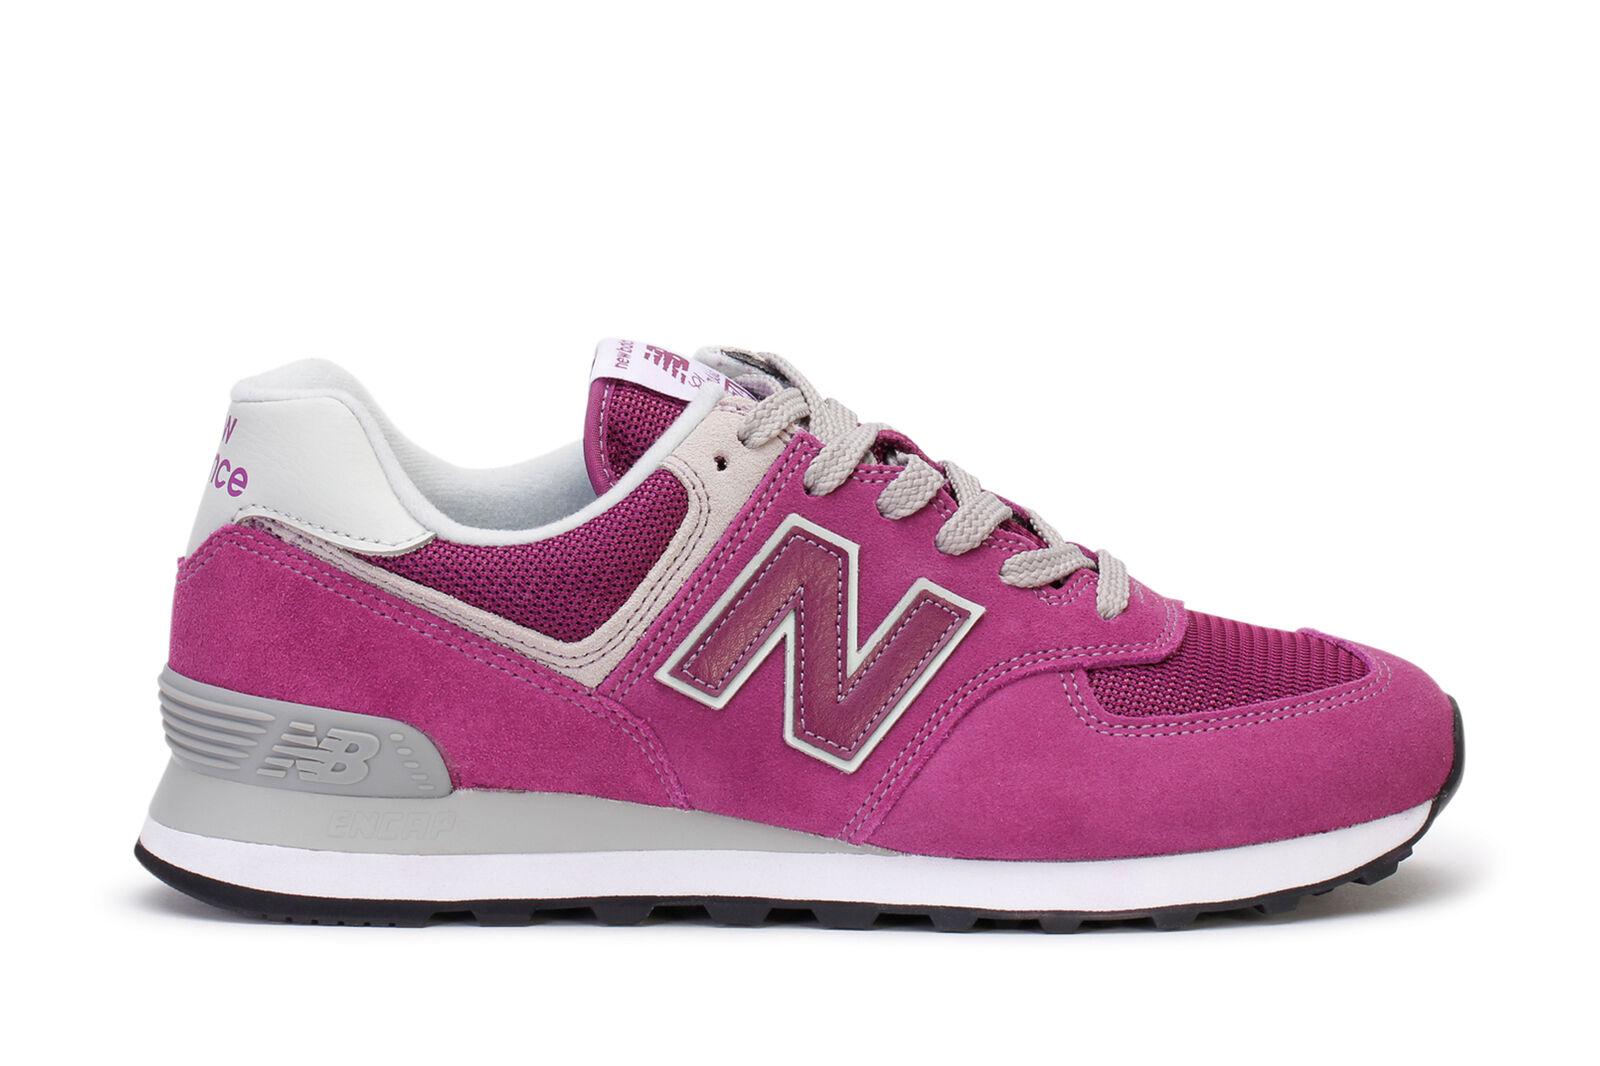 New Balance hombres' s corriendo Morado zapatillas 574 Core Plus Morado corriendo Blanco ml574etn 367144